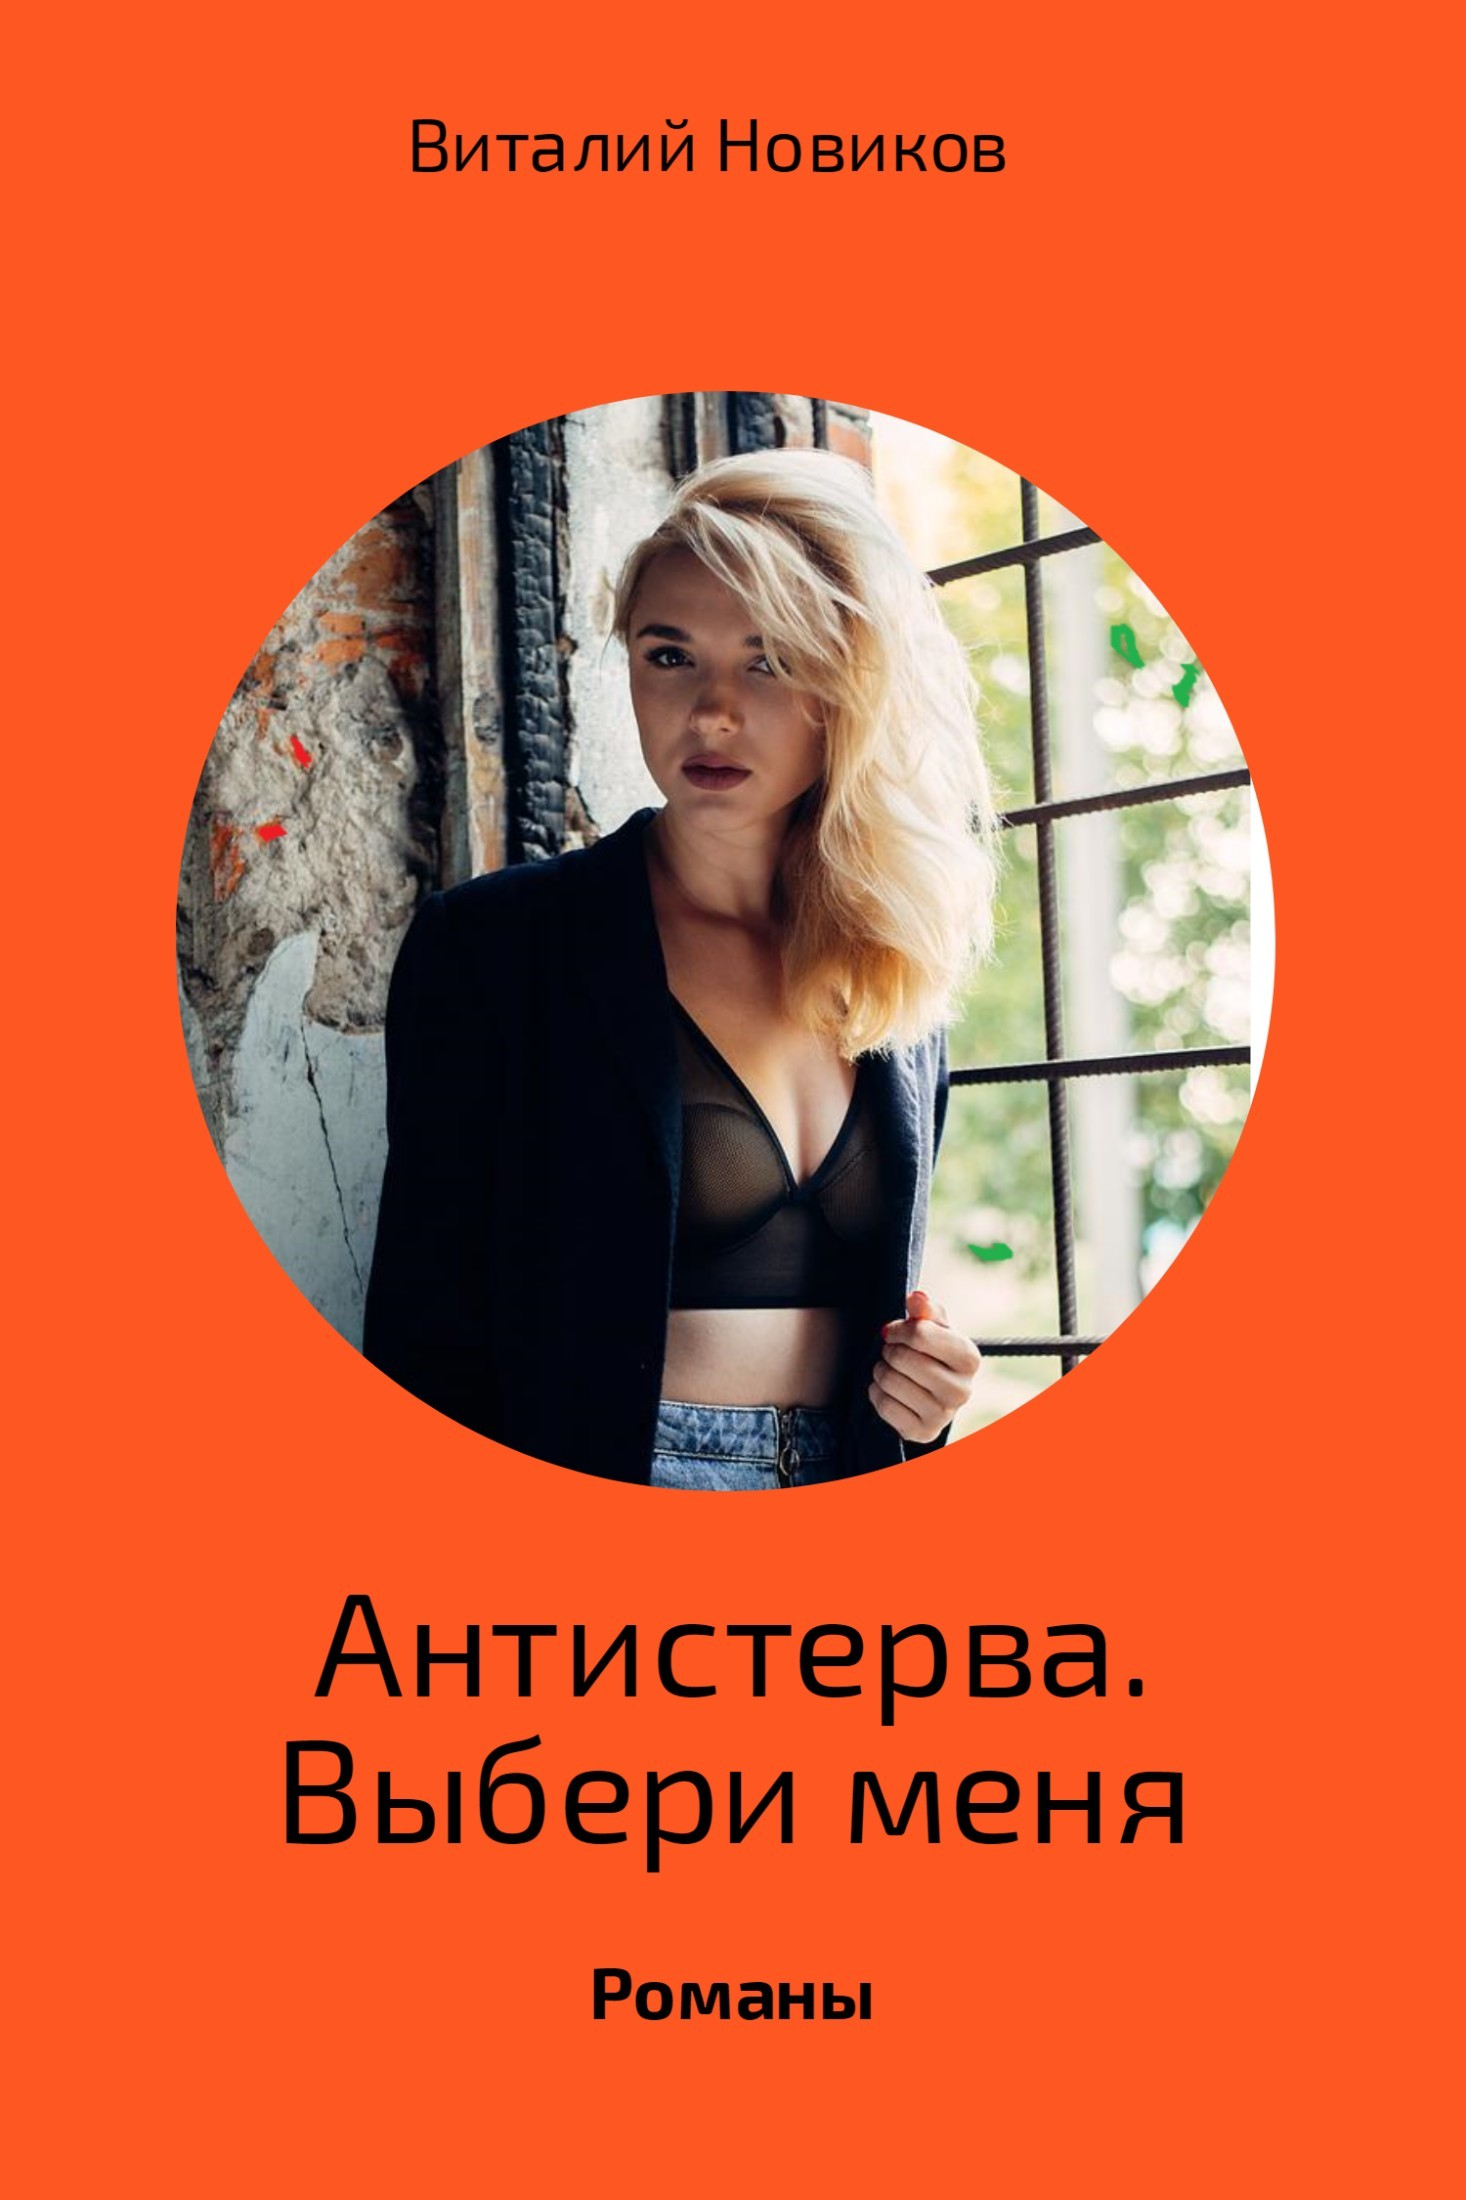 Виталий Новиков Антистерва. Выбери меня